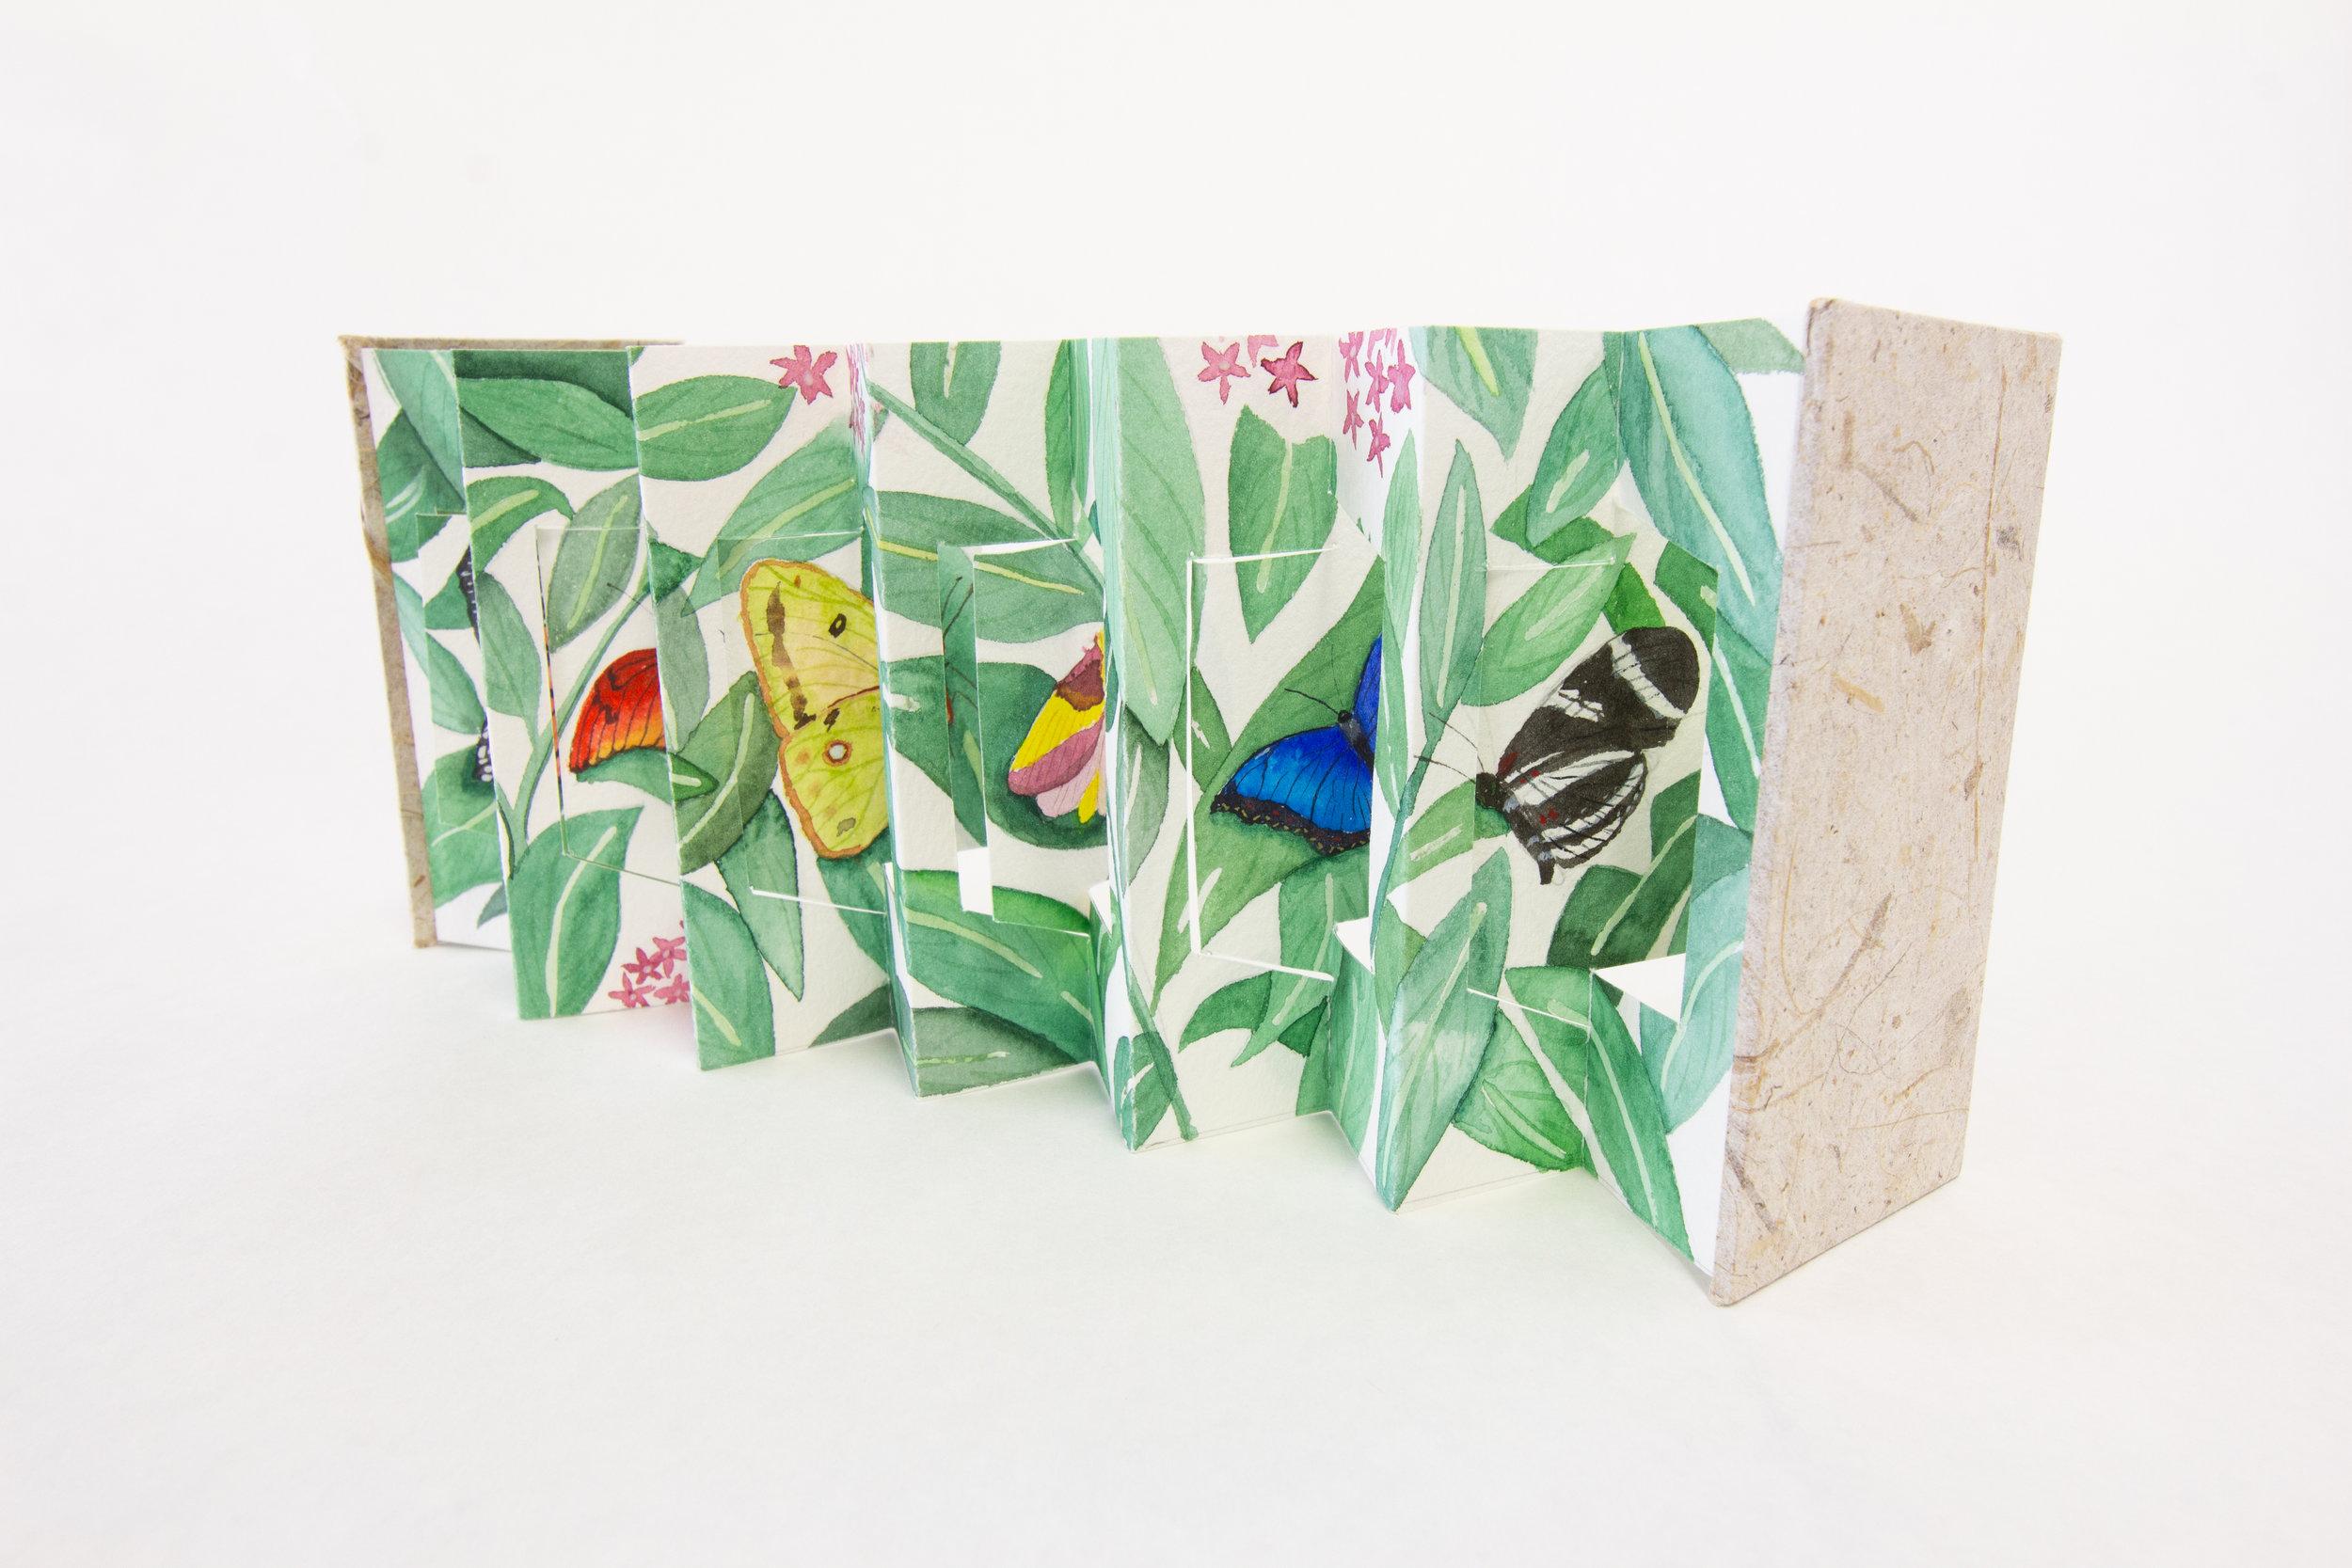 """Janet Reynolds, """"Flutter,"""" Watercolor, 2018 $475, Houston, TX"""